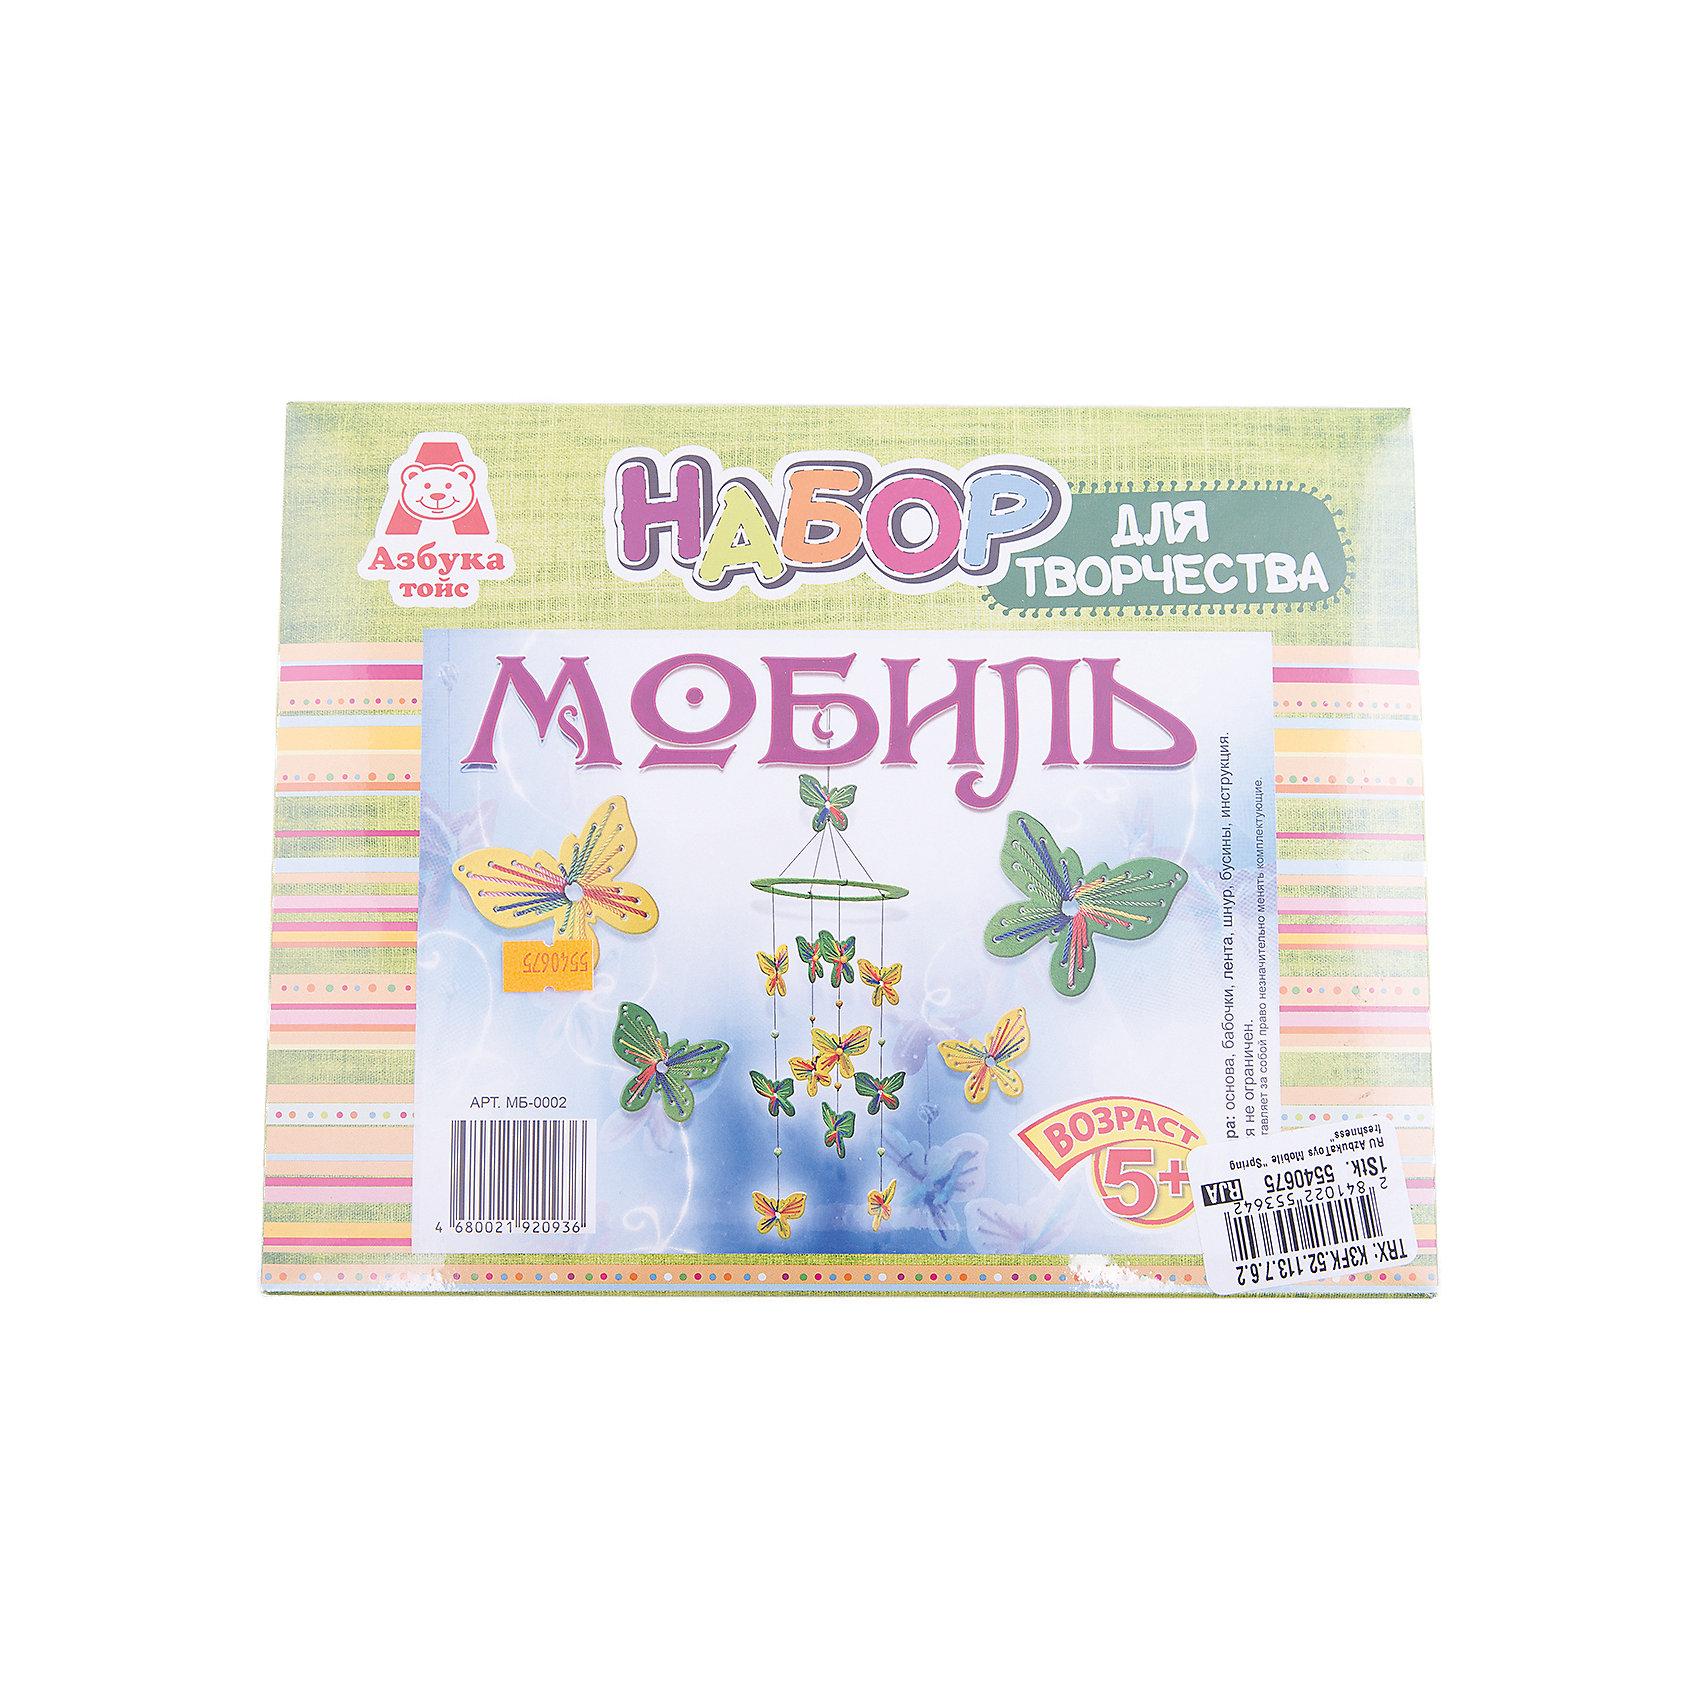 Мобиль Весенняя свежестьРукоделие<br>При  помощи набора, ребенок создаст удивительный мобиль своими руками для украшения детской комнаты. &#13;<br>Яркие, красивые бабочки, не оставят никого равнодушными.&#13;<br>В набор входит: основа, бабочки, лента, шнур, бусины, инструкция.&#13;<br>Для детей от 5 лет.&#13;<br>Производство Россия.&#13;<br>Изготовитель: ООО Азбука Тойс<br><br>Ширина мм: 270<br>Глубина мм: 30<br>Высота мм: 220<br>Вес г: 180<br>Возраст от месяцев: 60<br>Возраст до месяцев: 2147483647<br>Пол: Унисекс<br>Возраст: Детский<br>SKU: 5540675